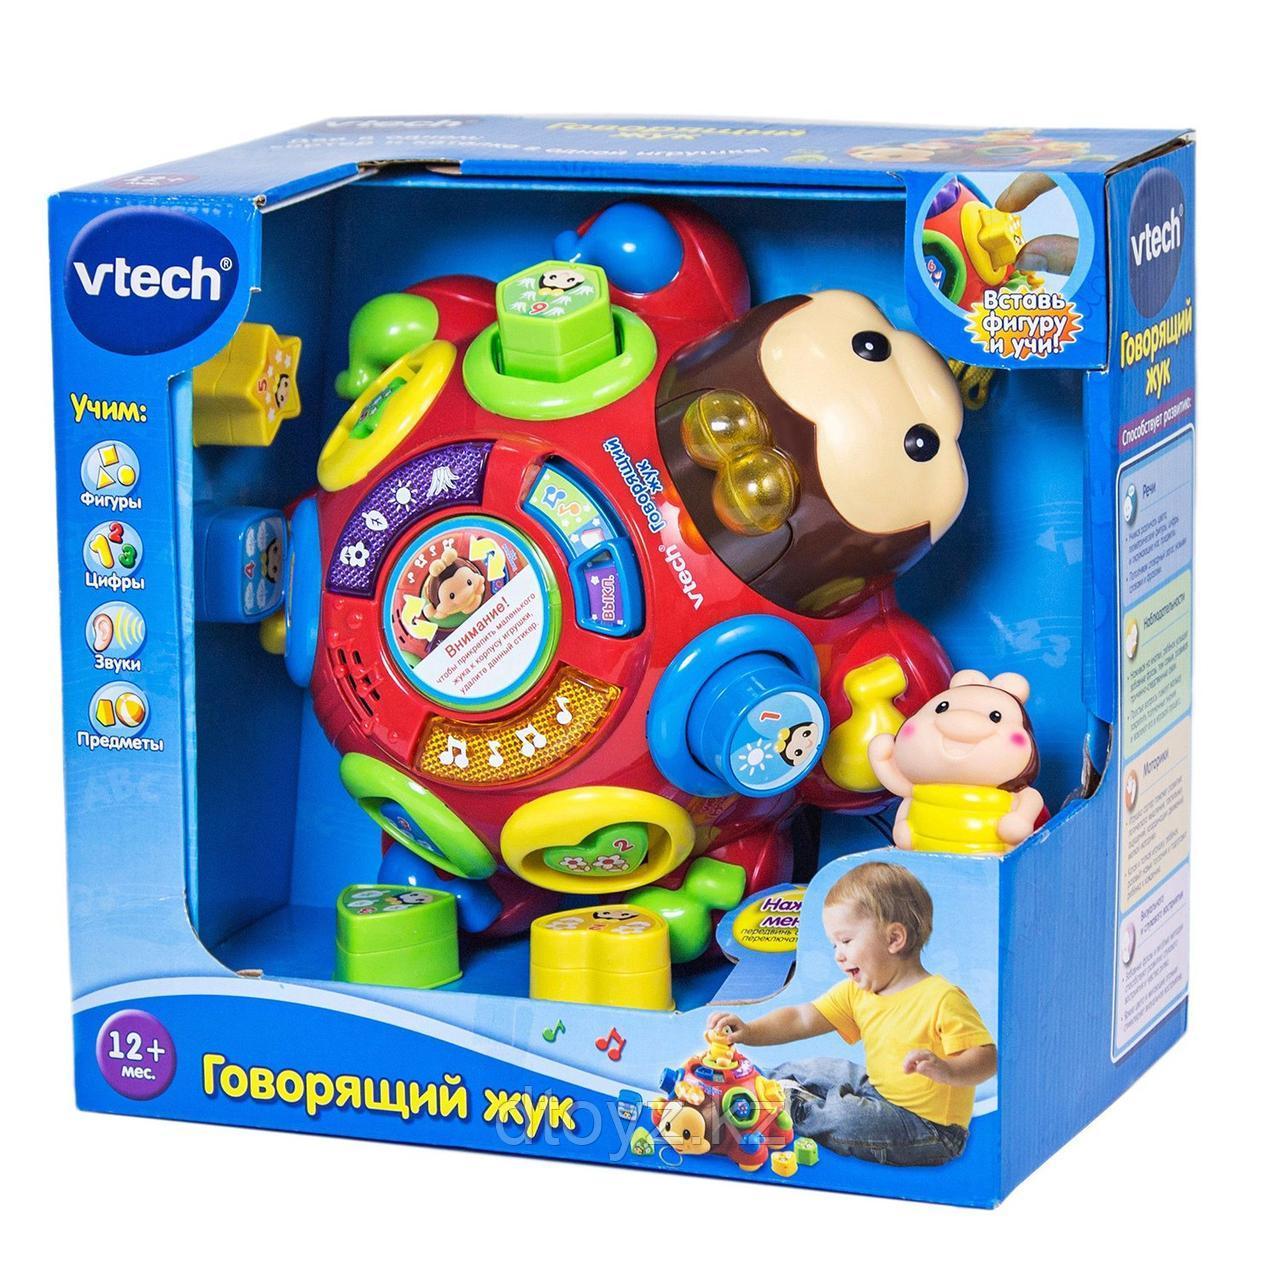 Vtech Жук говорящий 80-111226